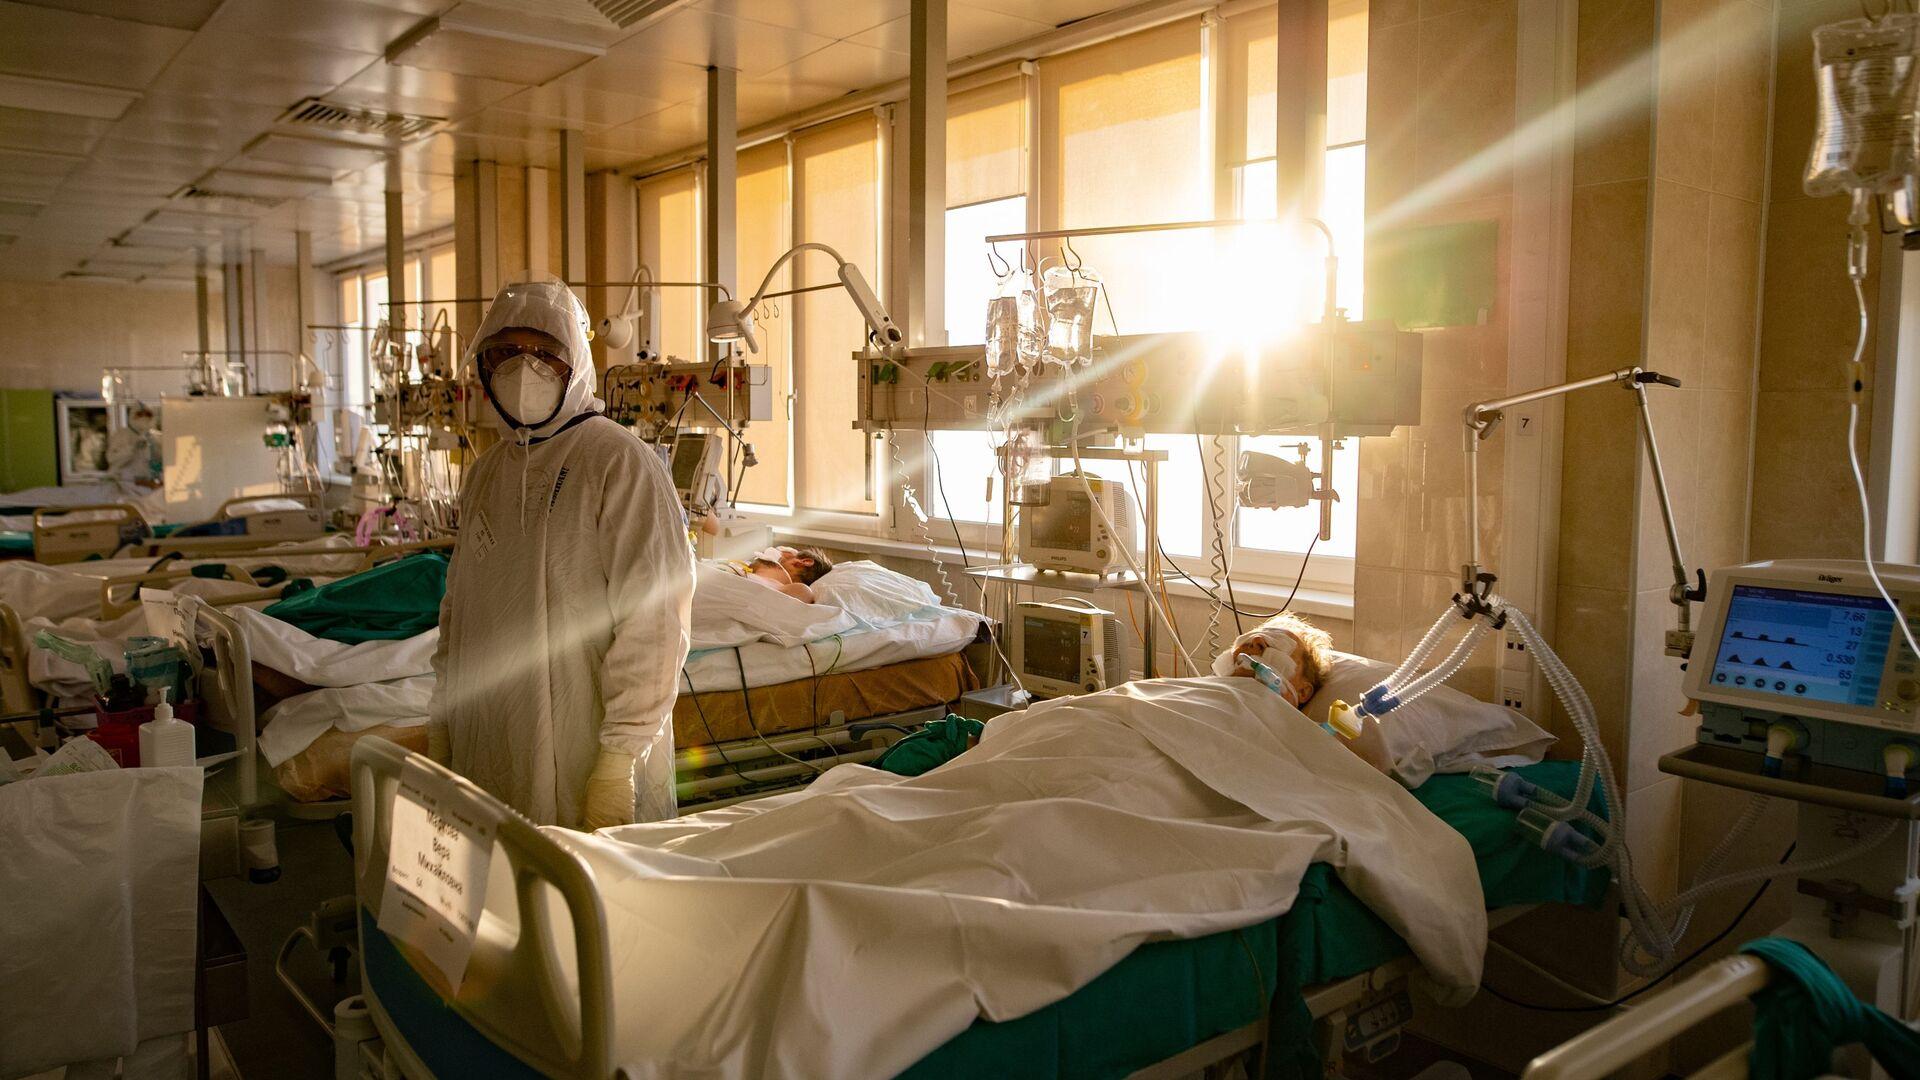 Koronawirus w szpitalu - Sputnik Polska, 1920, 21.02.2021